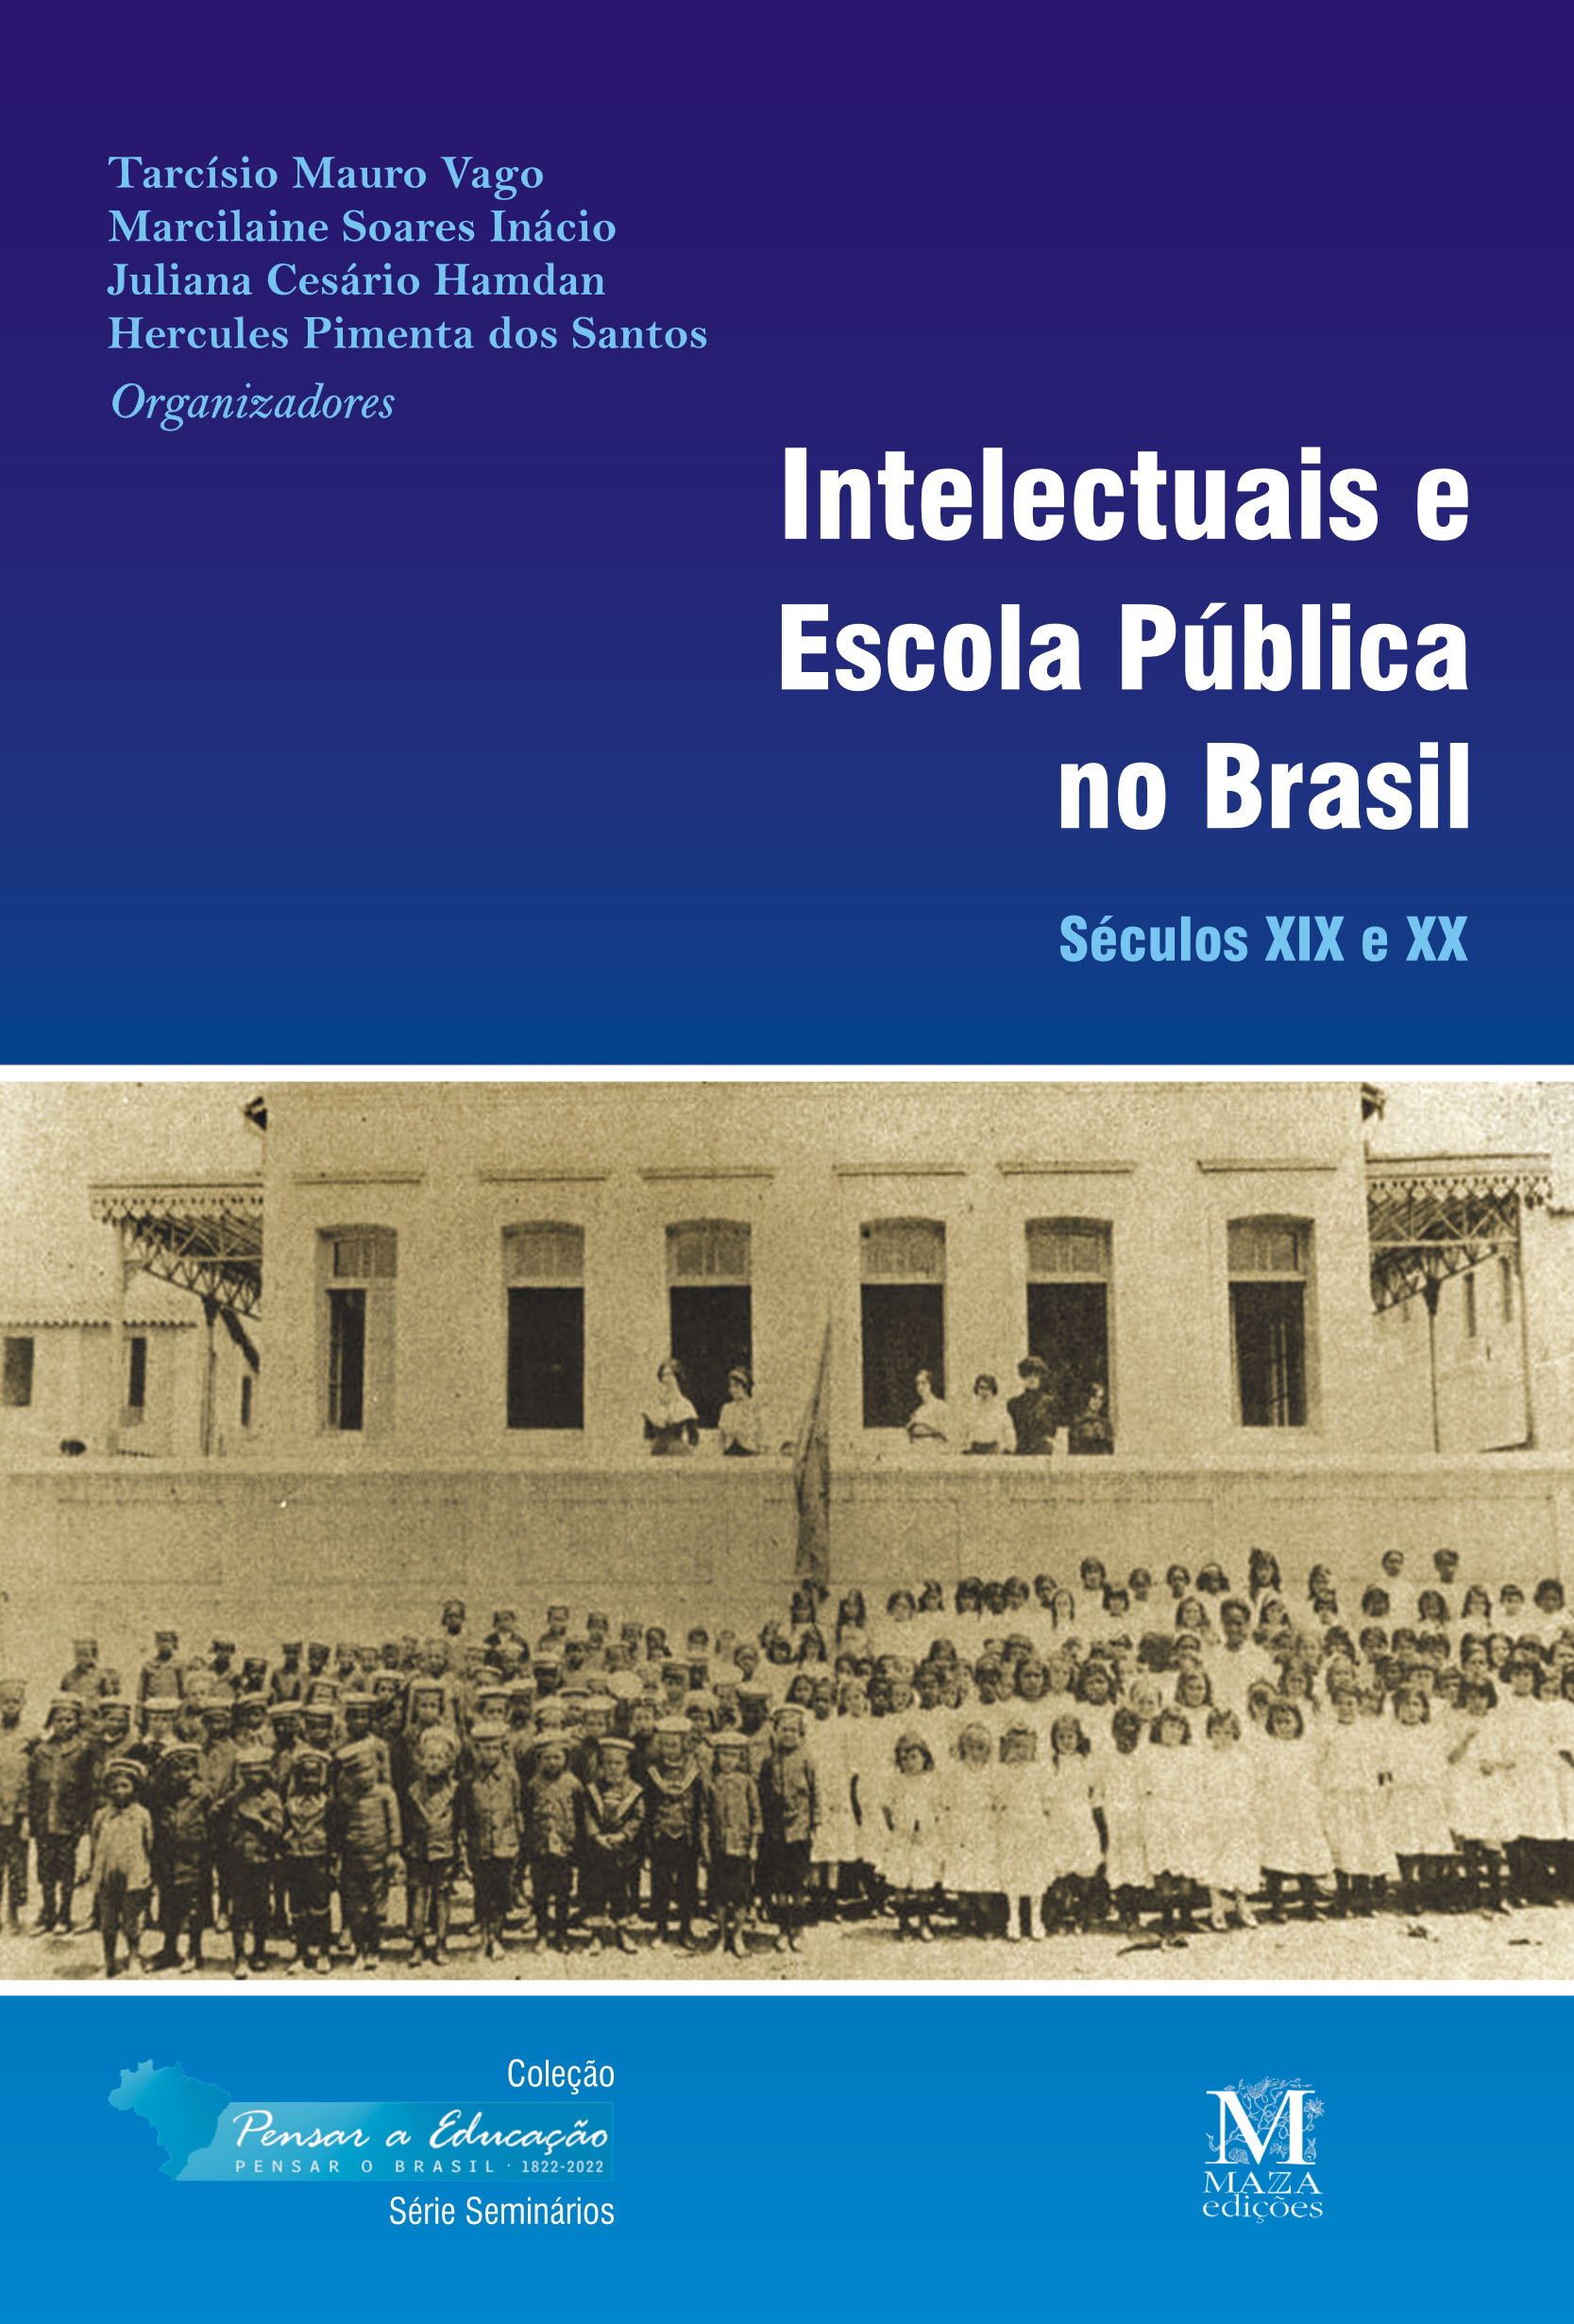 Intelectuais E Escola Pública No Brasil: Séculos XIX E XX